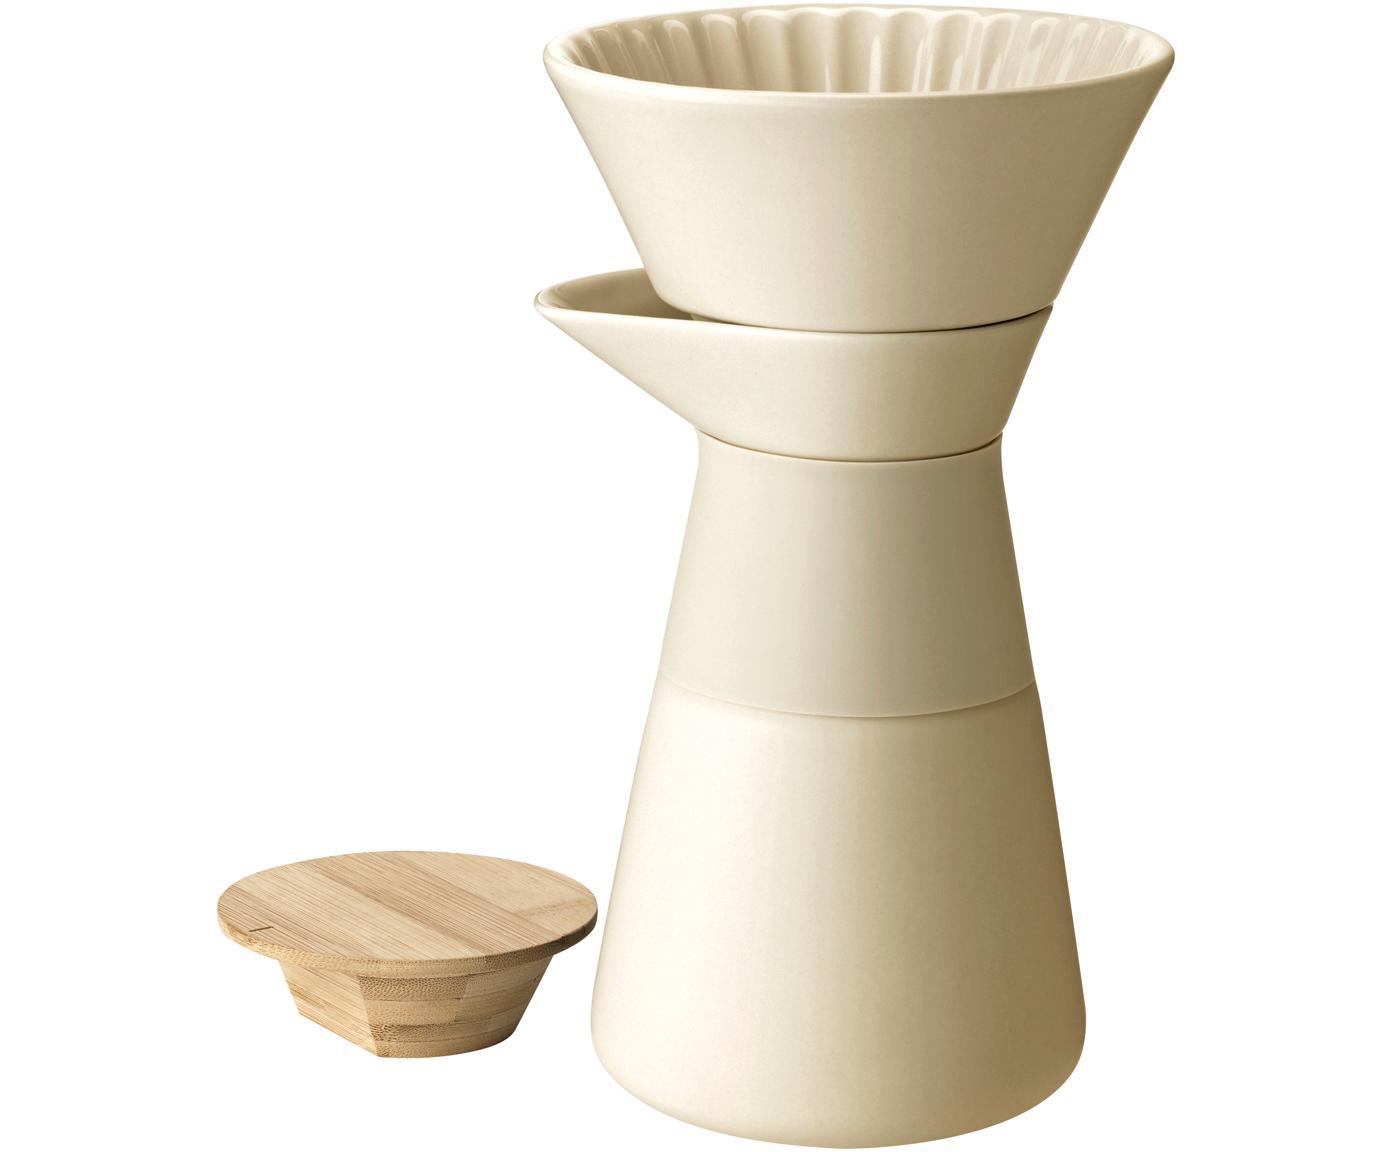 Caffettiera in crema opaco Theo, Coperchio: legno di bambù, Manico: termoisolante silicone, Crema, 500 ml